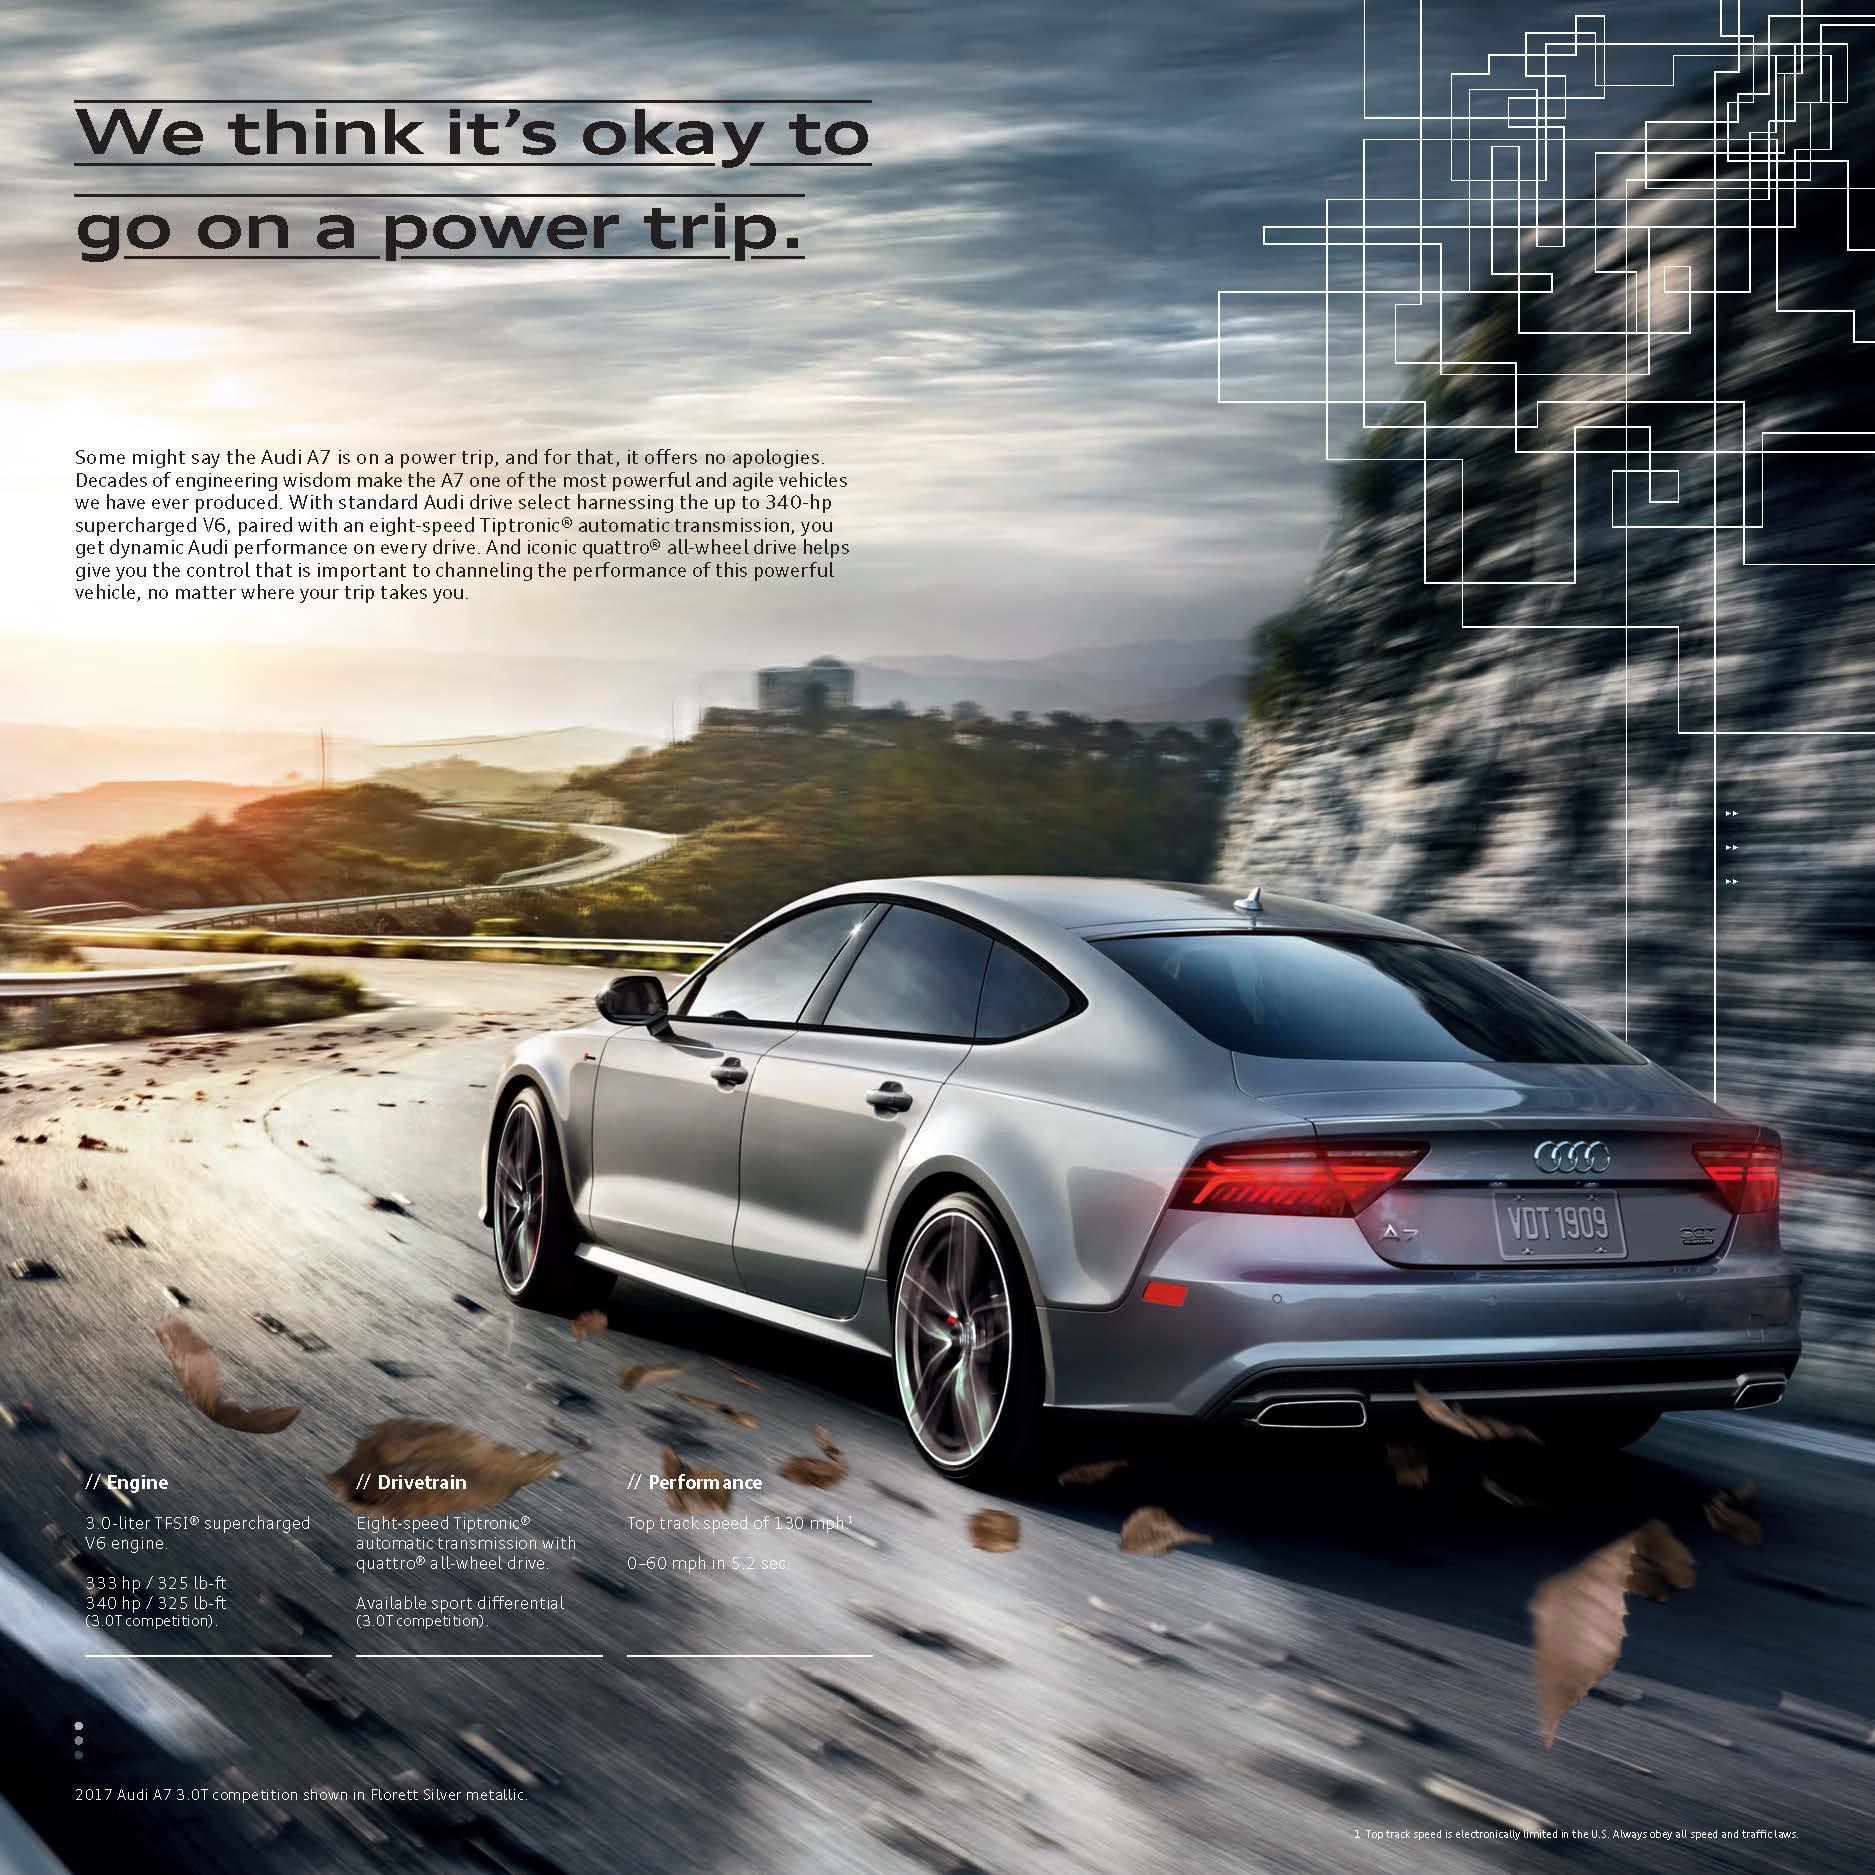 2017 Audi A7 Brochure